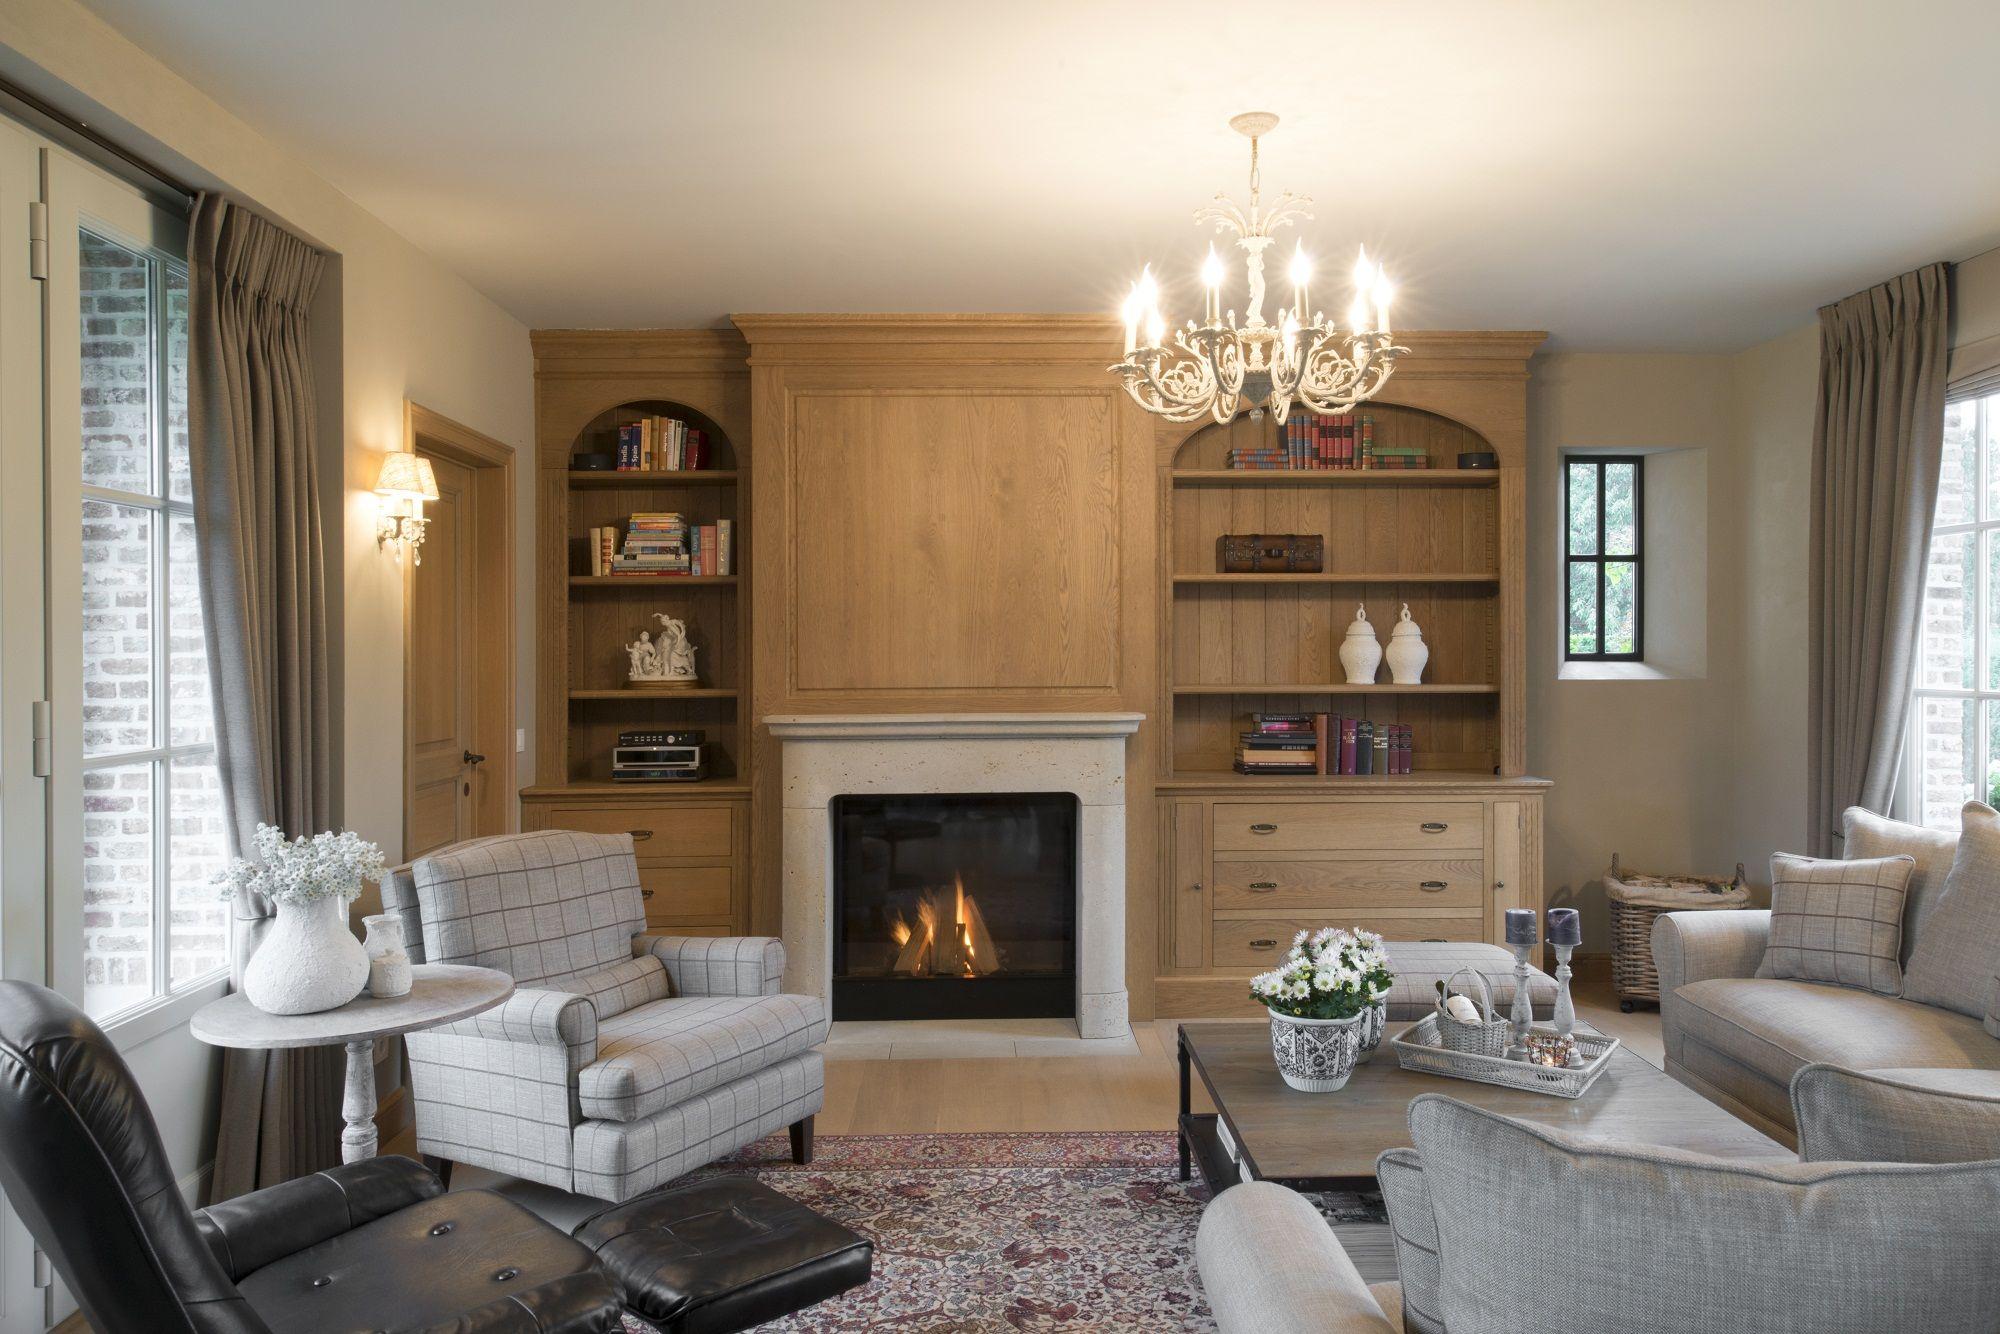 Landelijke Villa Inrichting : Inrichting villa klassiek landelijke stijl echt maatwerk